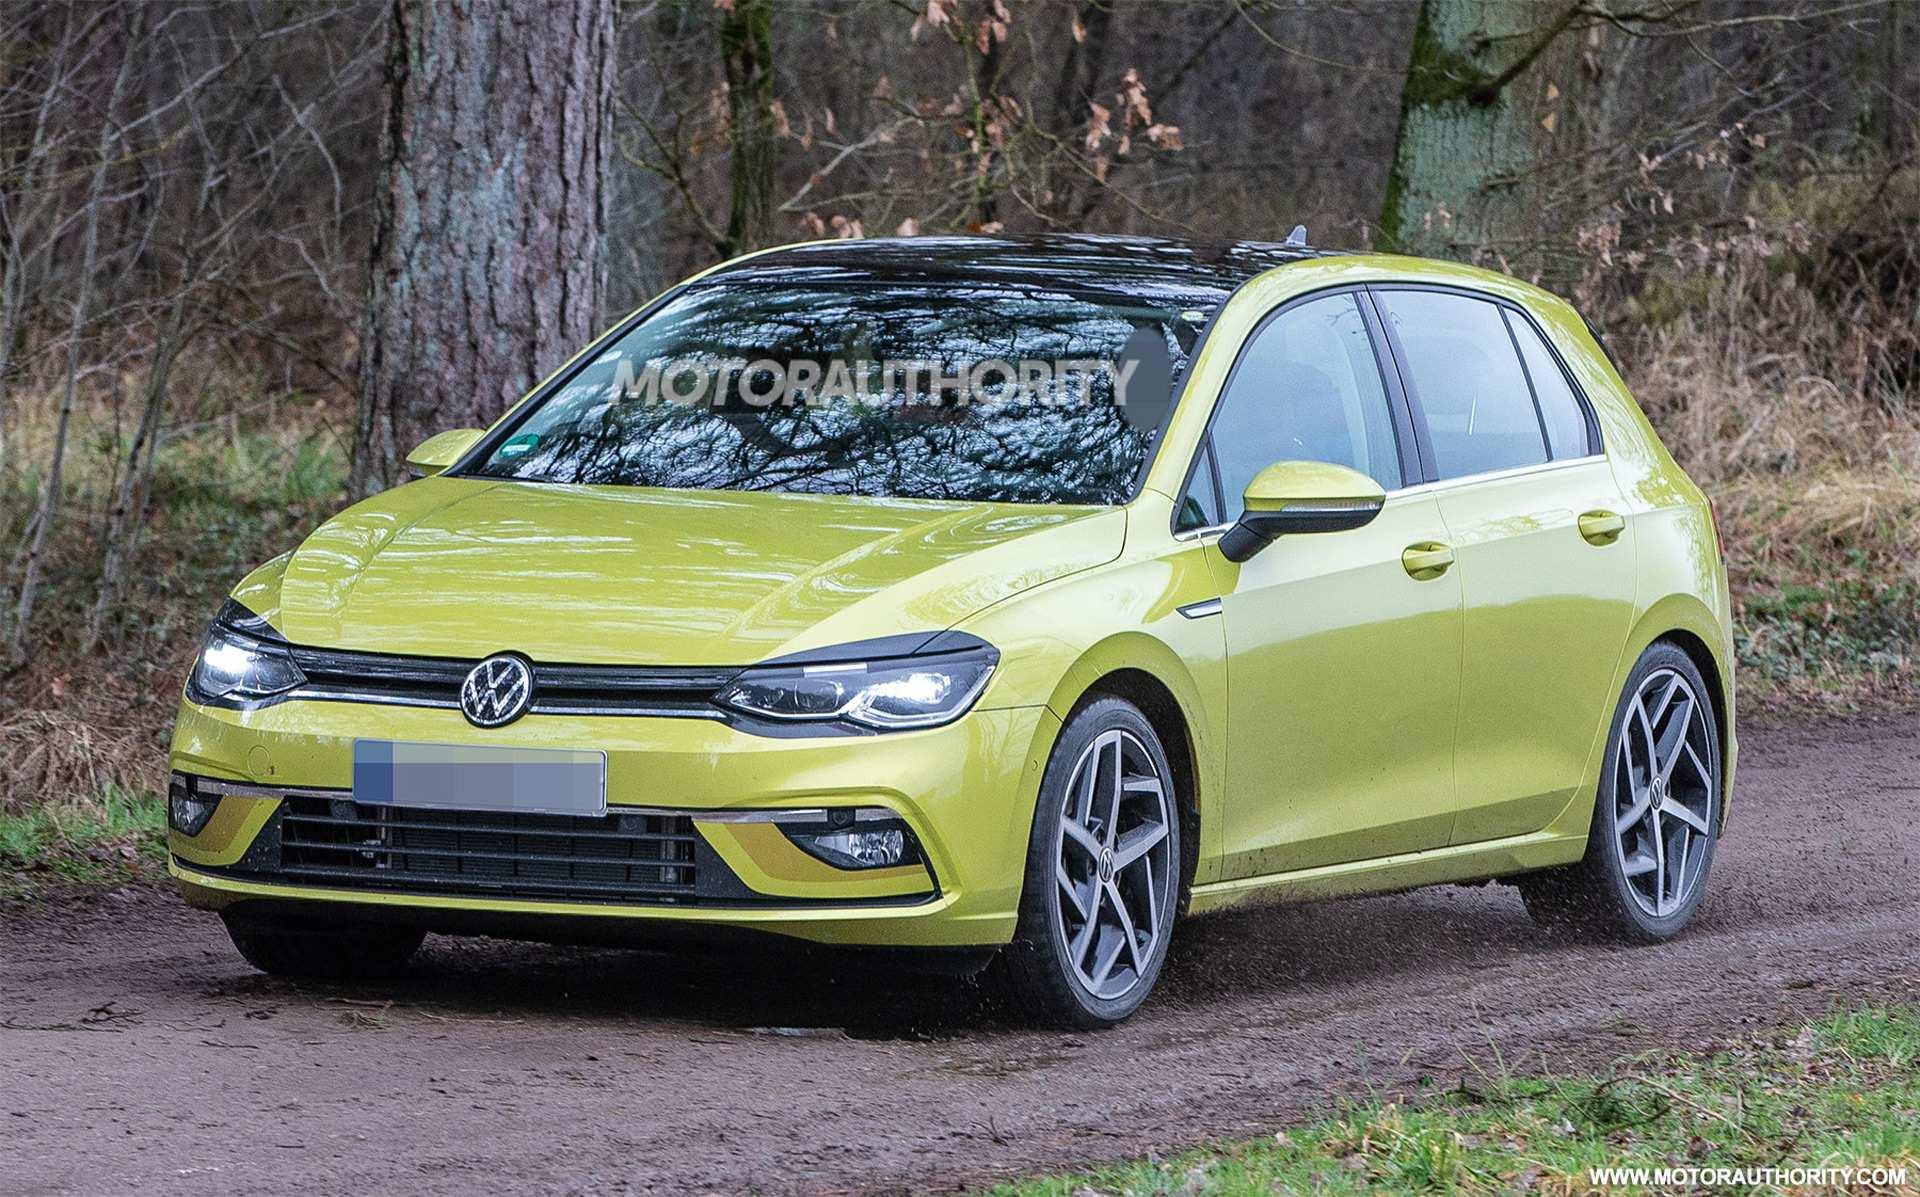 90 Concept of Volkswagen Diesel 2020 Specs with Volkswagen Diesel 2020